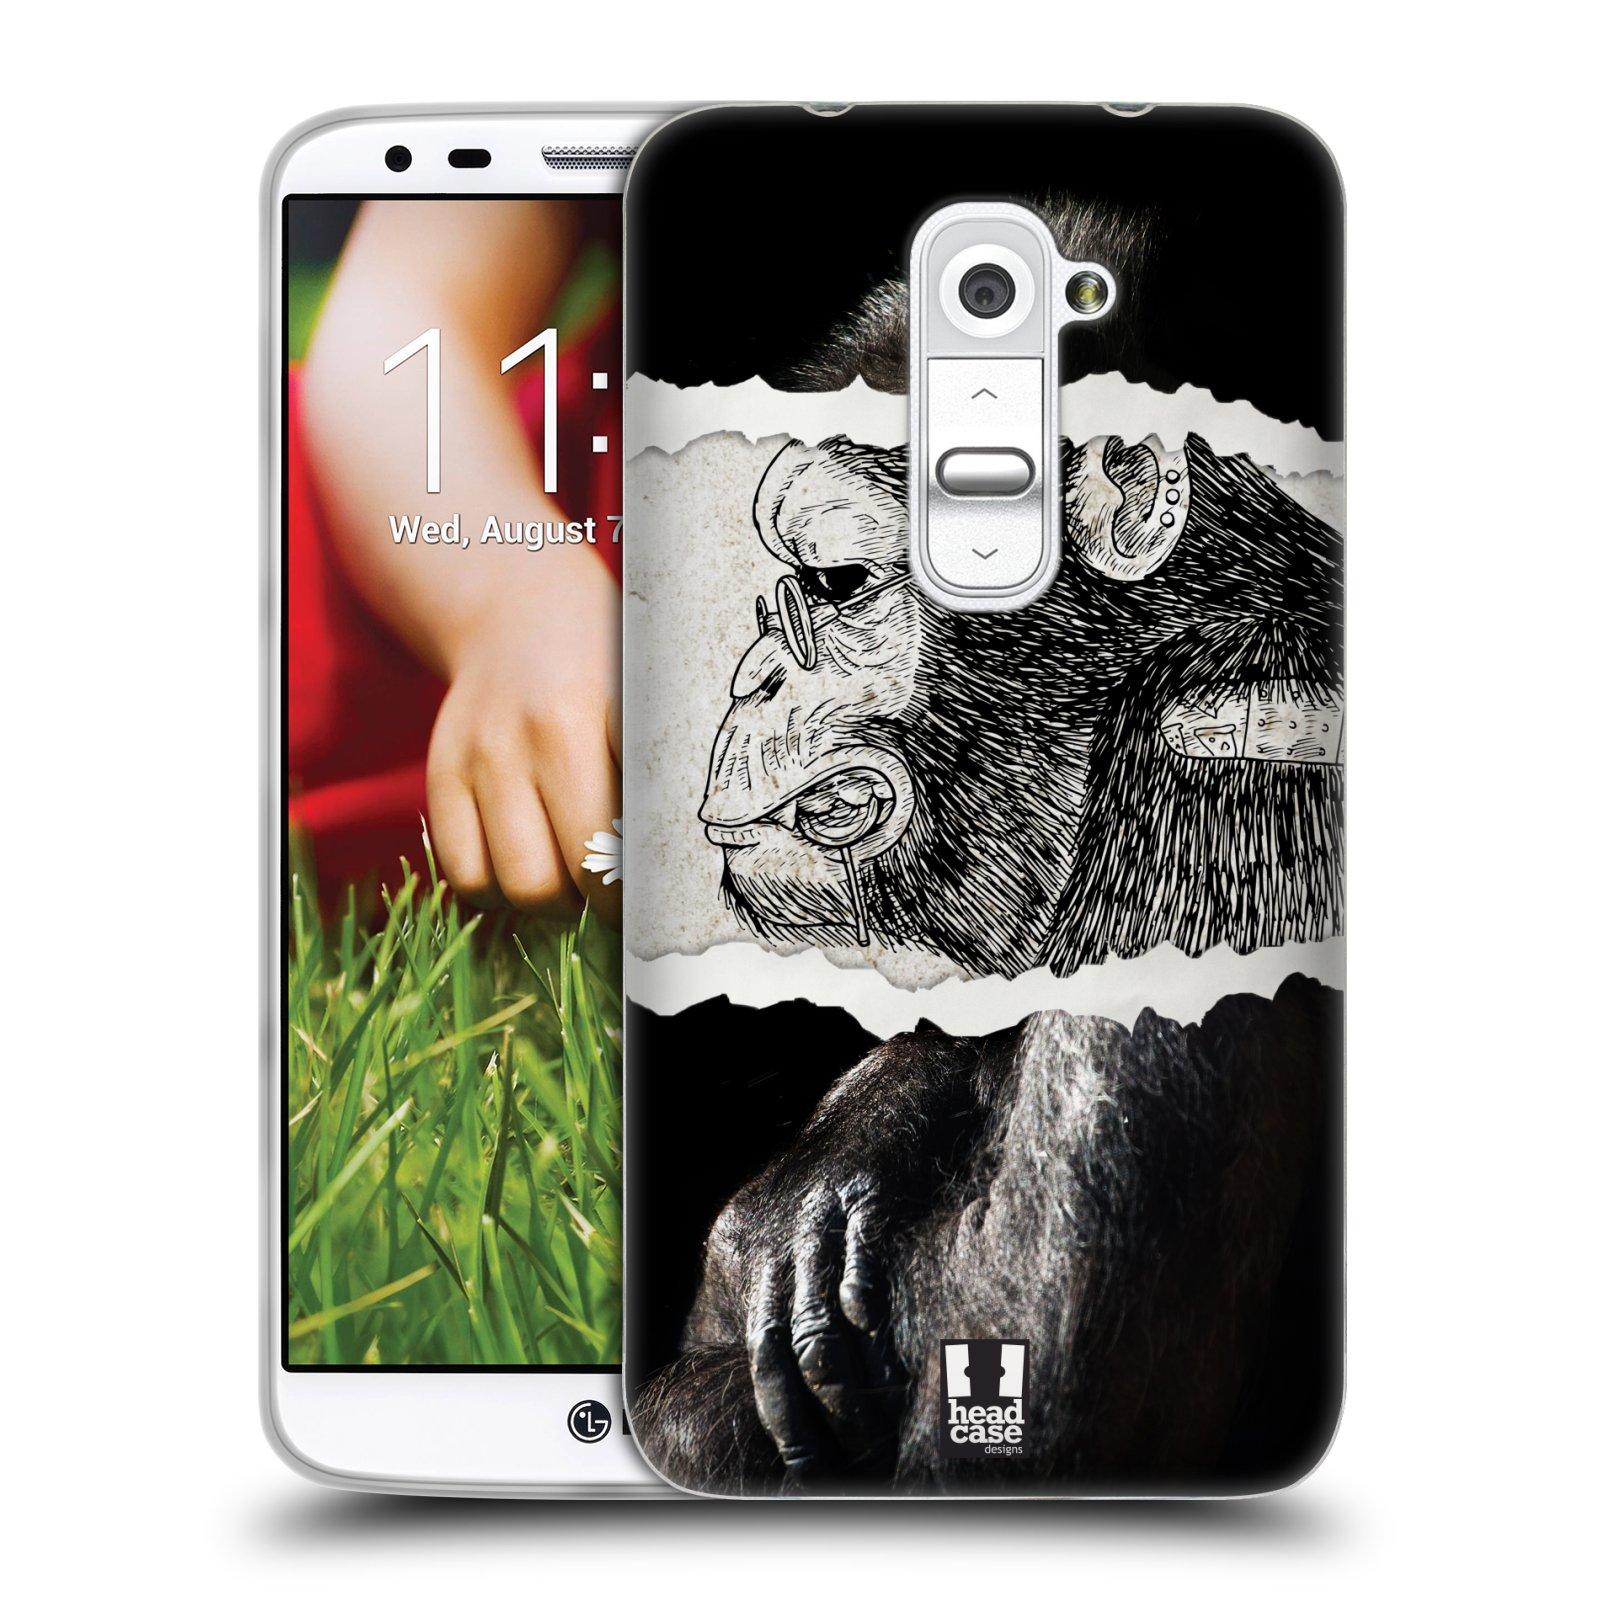 HEAD CASE silikonový obal na mobil LG G2 vzor zvířata koláž opice